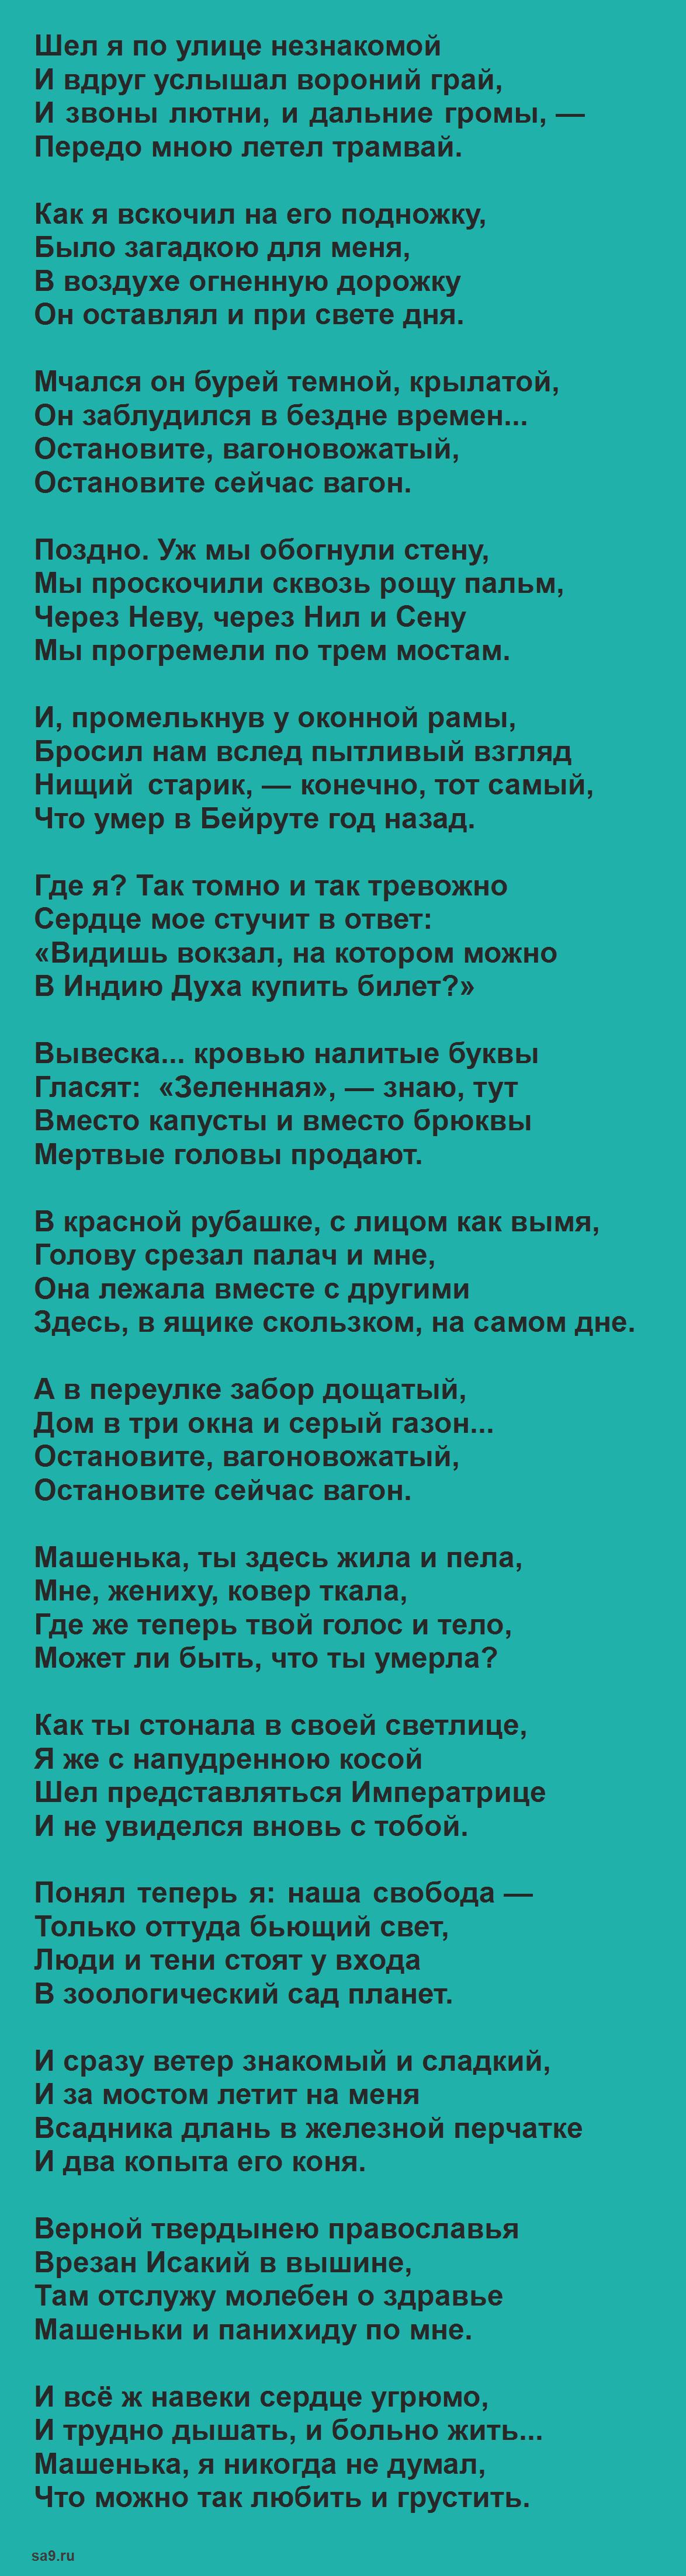 Гумилев стихи лучшее - Заблудившийся трамвай